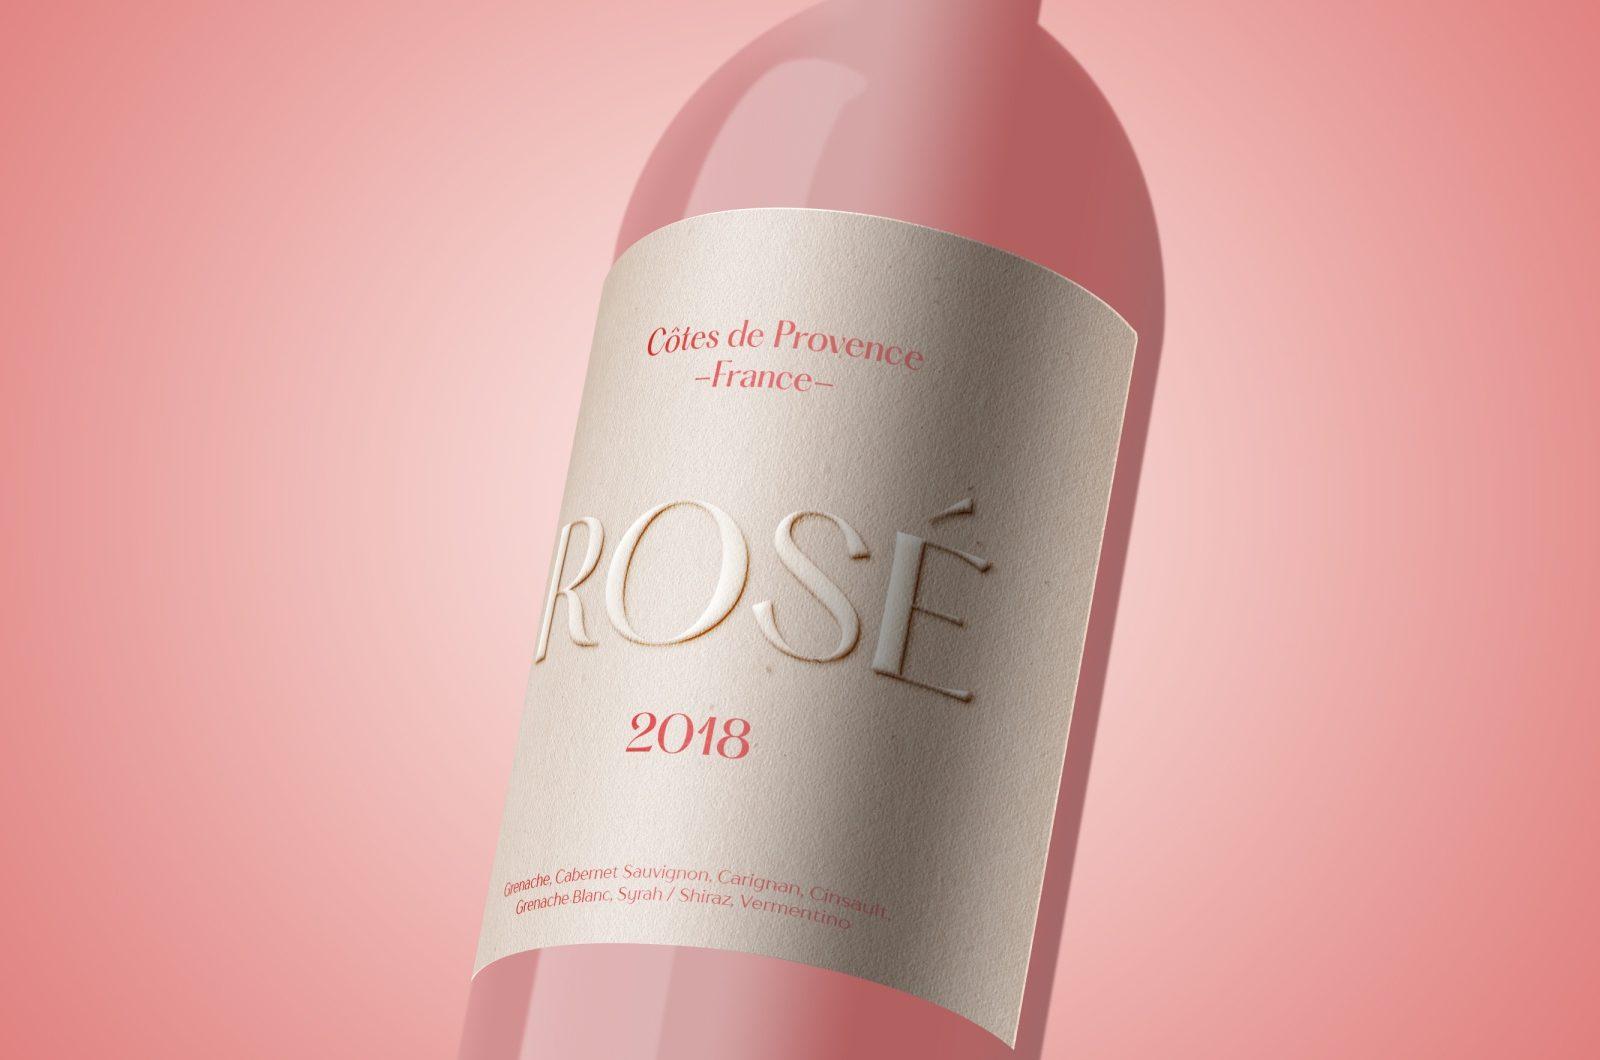 rose wine label